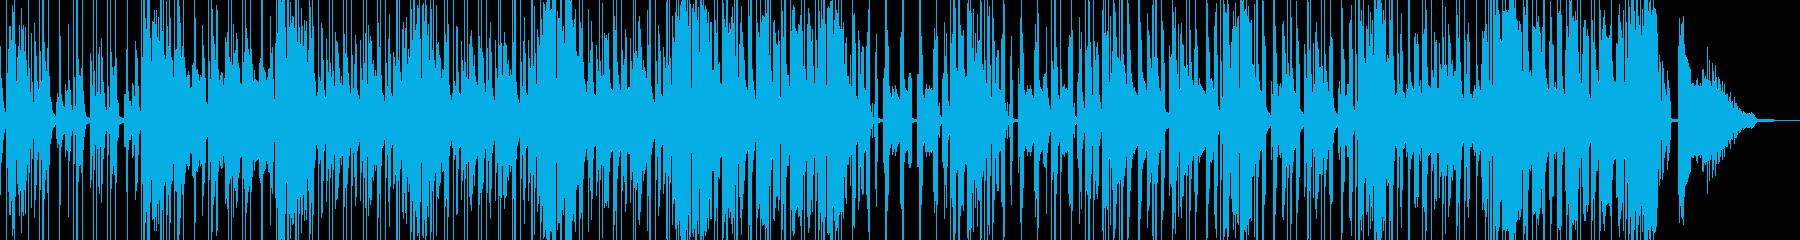 おマヌケシーンに適した気の抜けたBGMの再生済みの波形